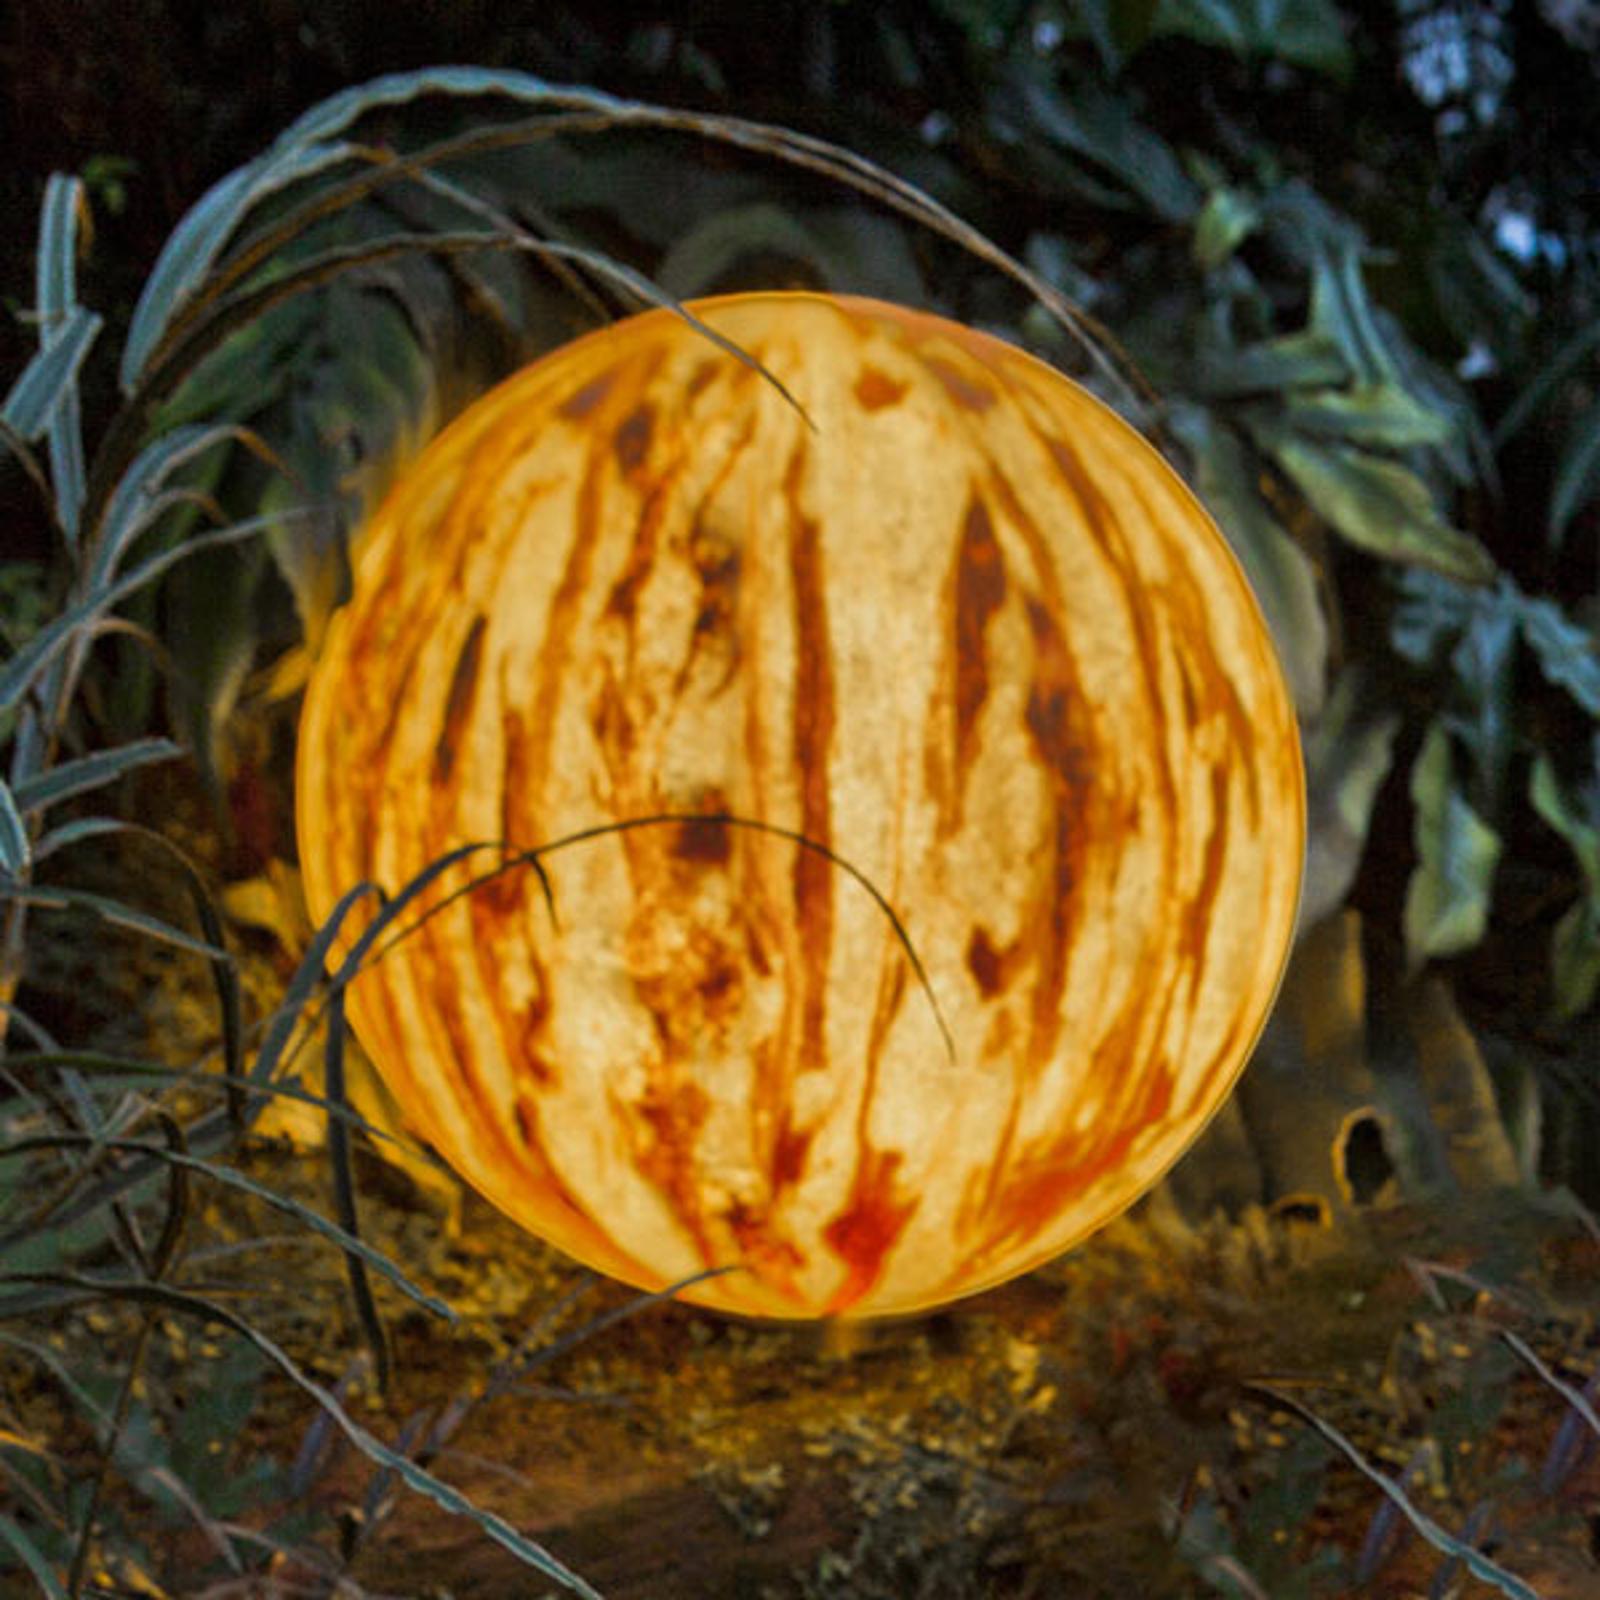 Hiekkakivi - LED-pallo Sahara, akkukäyttöinen 20cm